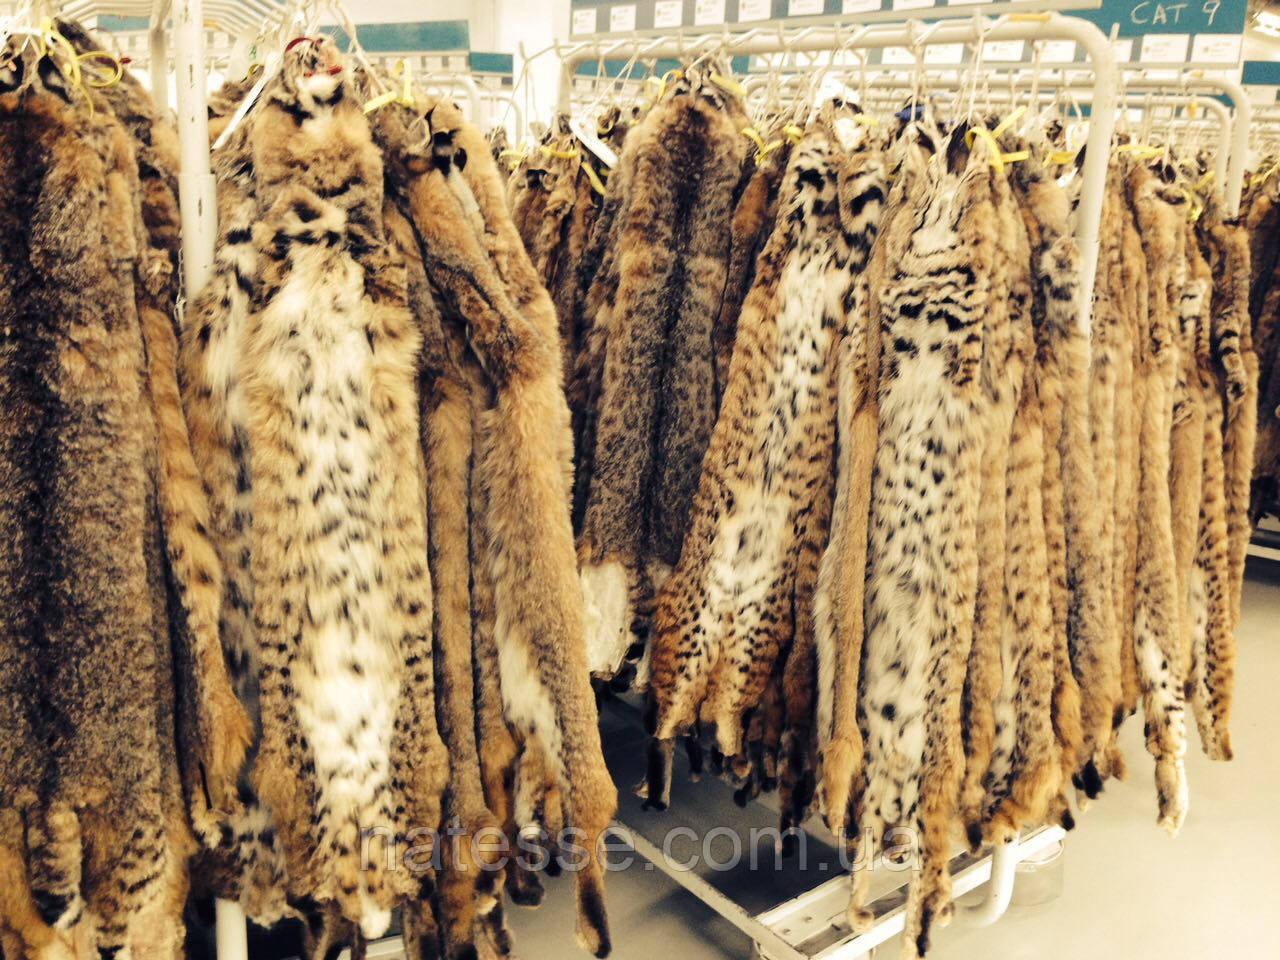 Шкуры мех рысевидного кота рыси длина 95-100 см